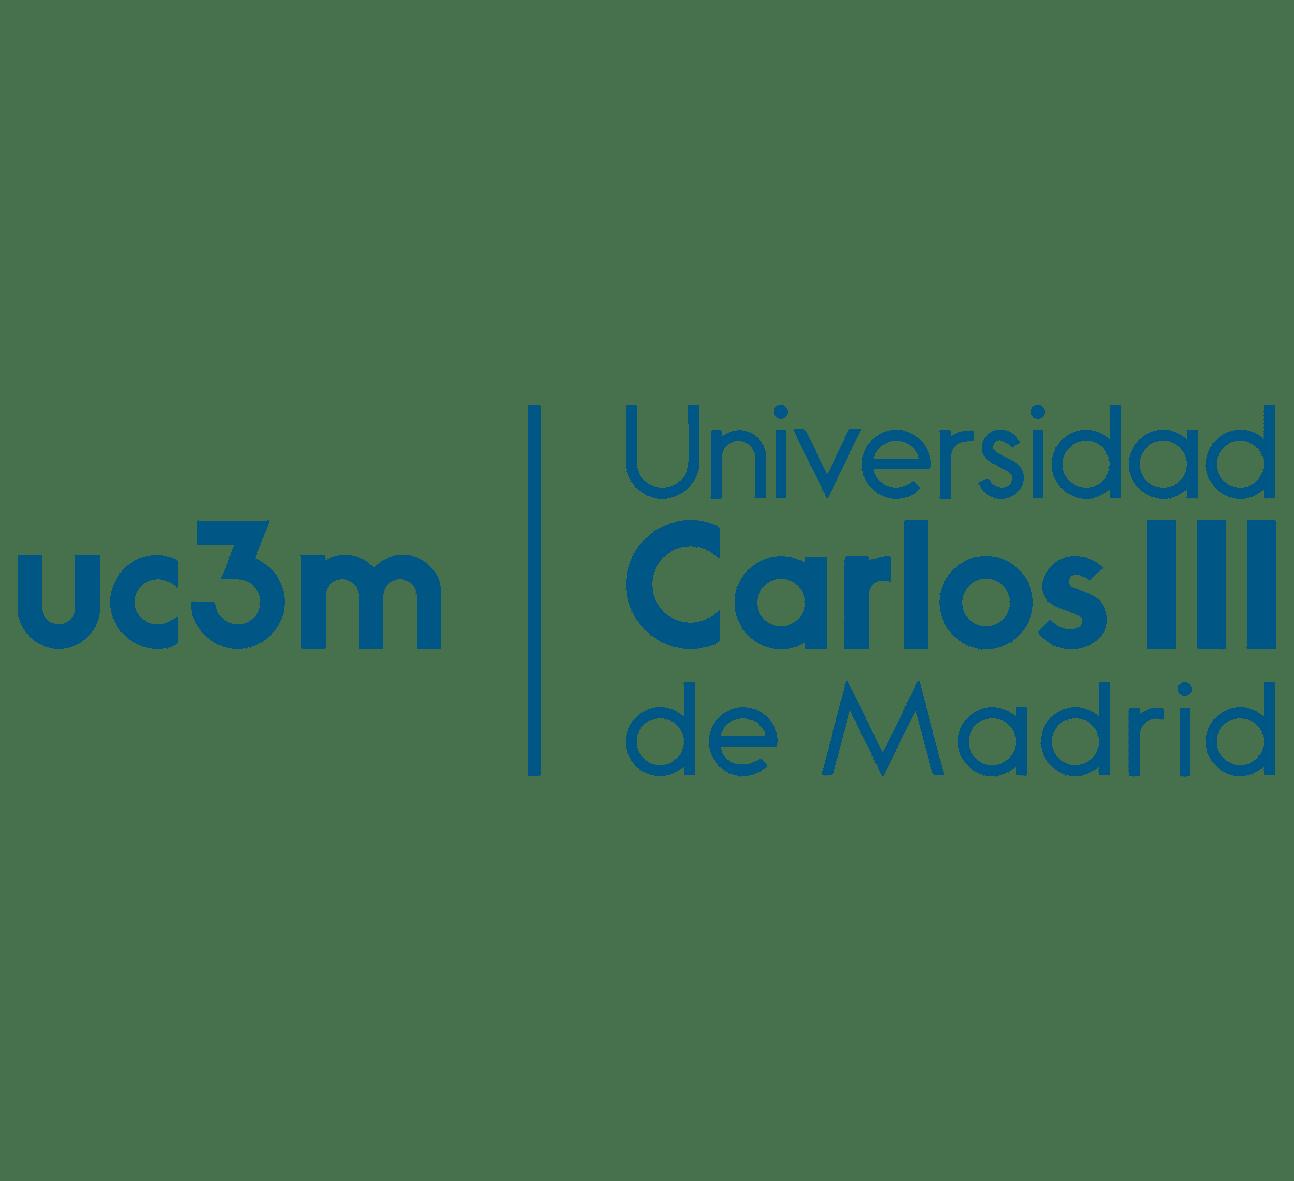 Universidad Carlos III - Clientes